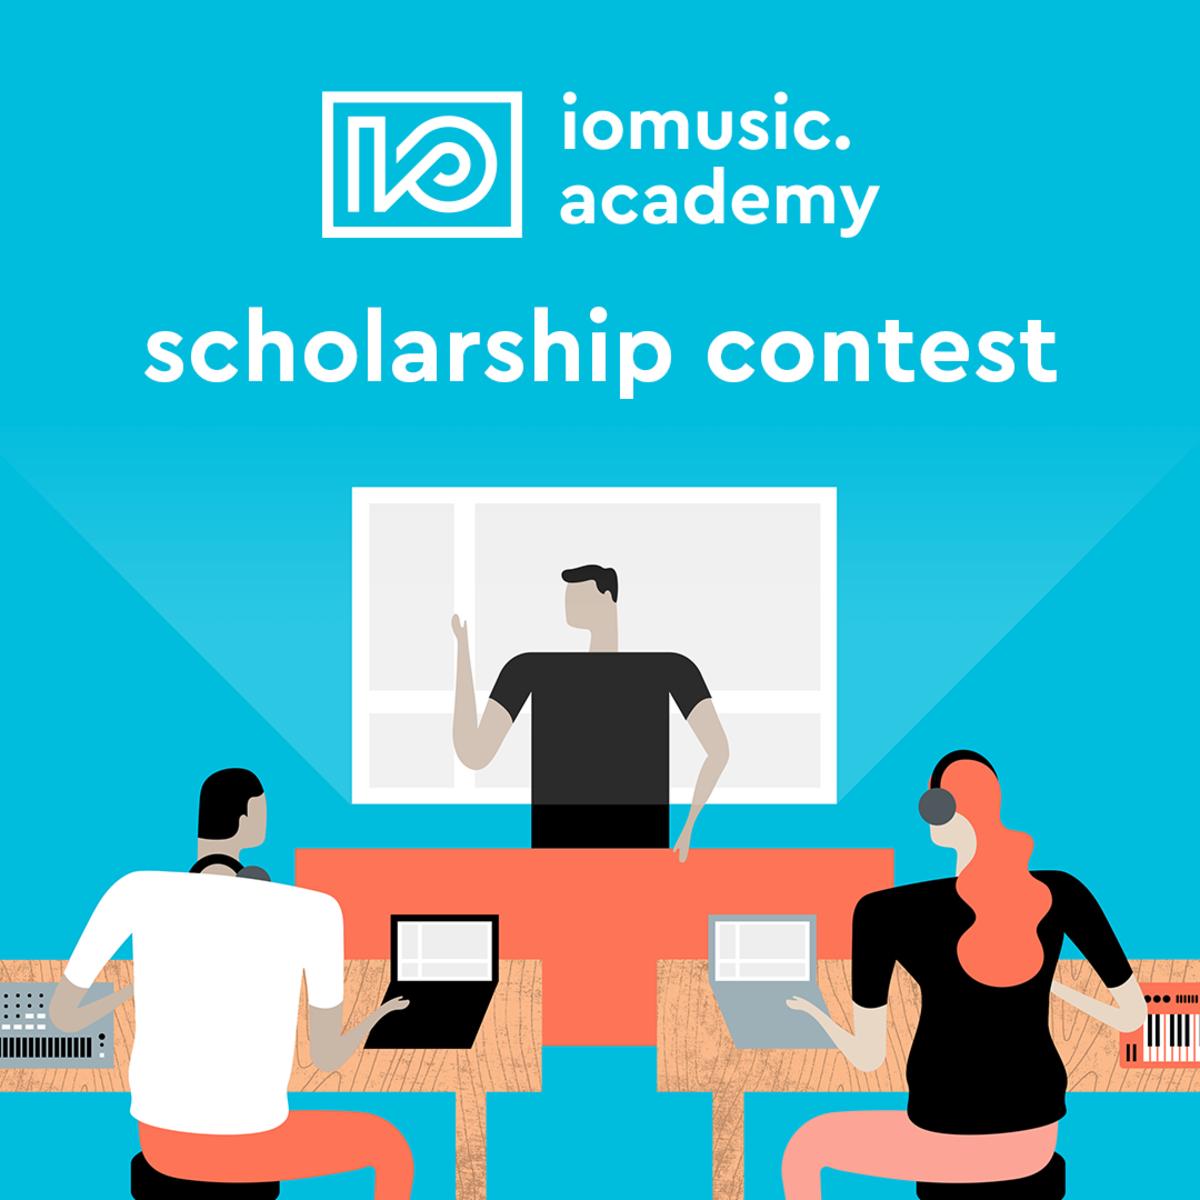 IO Music Academy